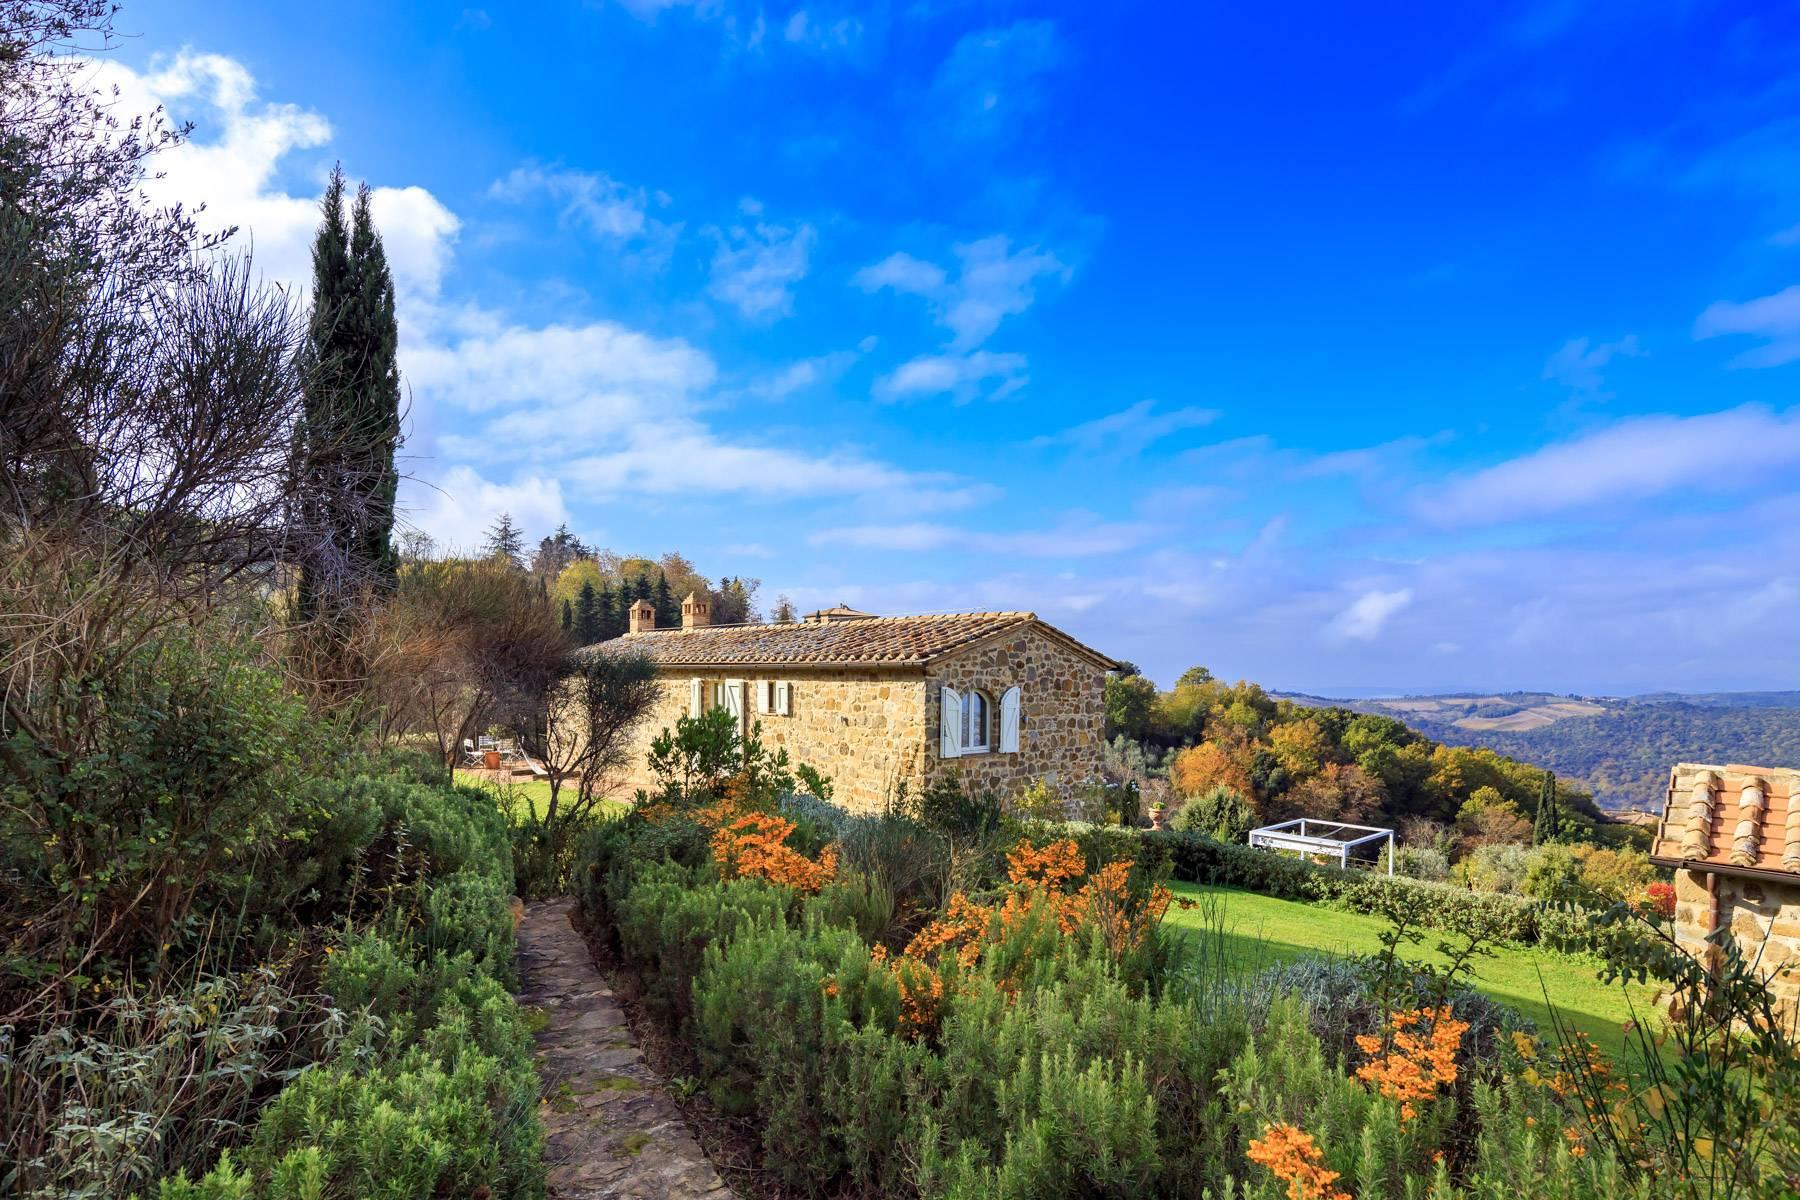 Wunderschönes restauriertes Bauernhaus in der Nähe von Montalcino - 3